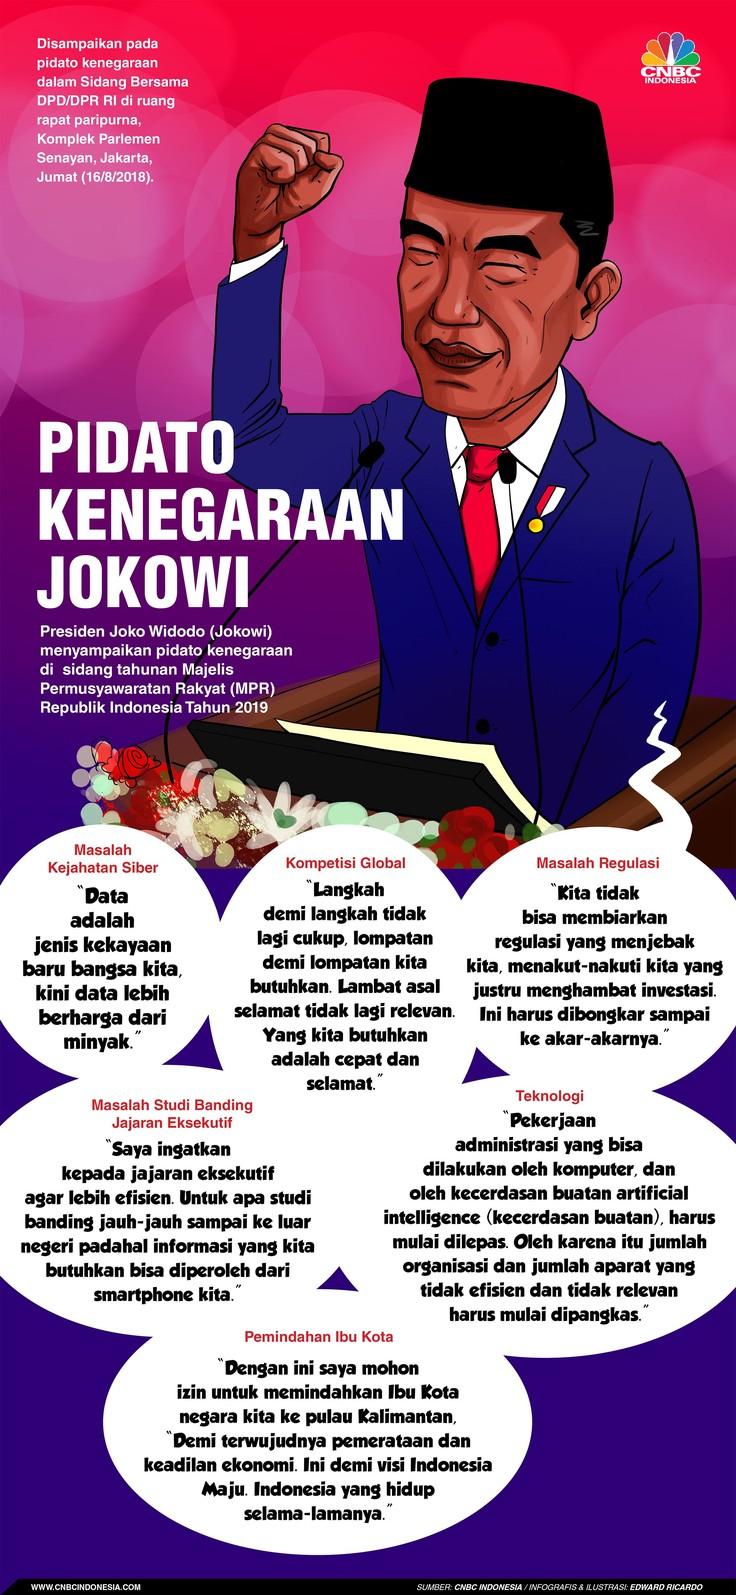 Jokowi menyampaikan pidato kenegaraan dalam Sidang Bersama DPD/DPR RI di ruang rapat paripurna, Komplek Parlemen Senayan, Jakarta, Jumat (16/8/2018).